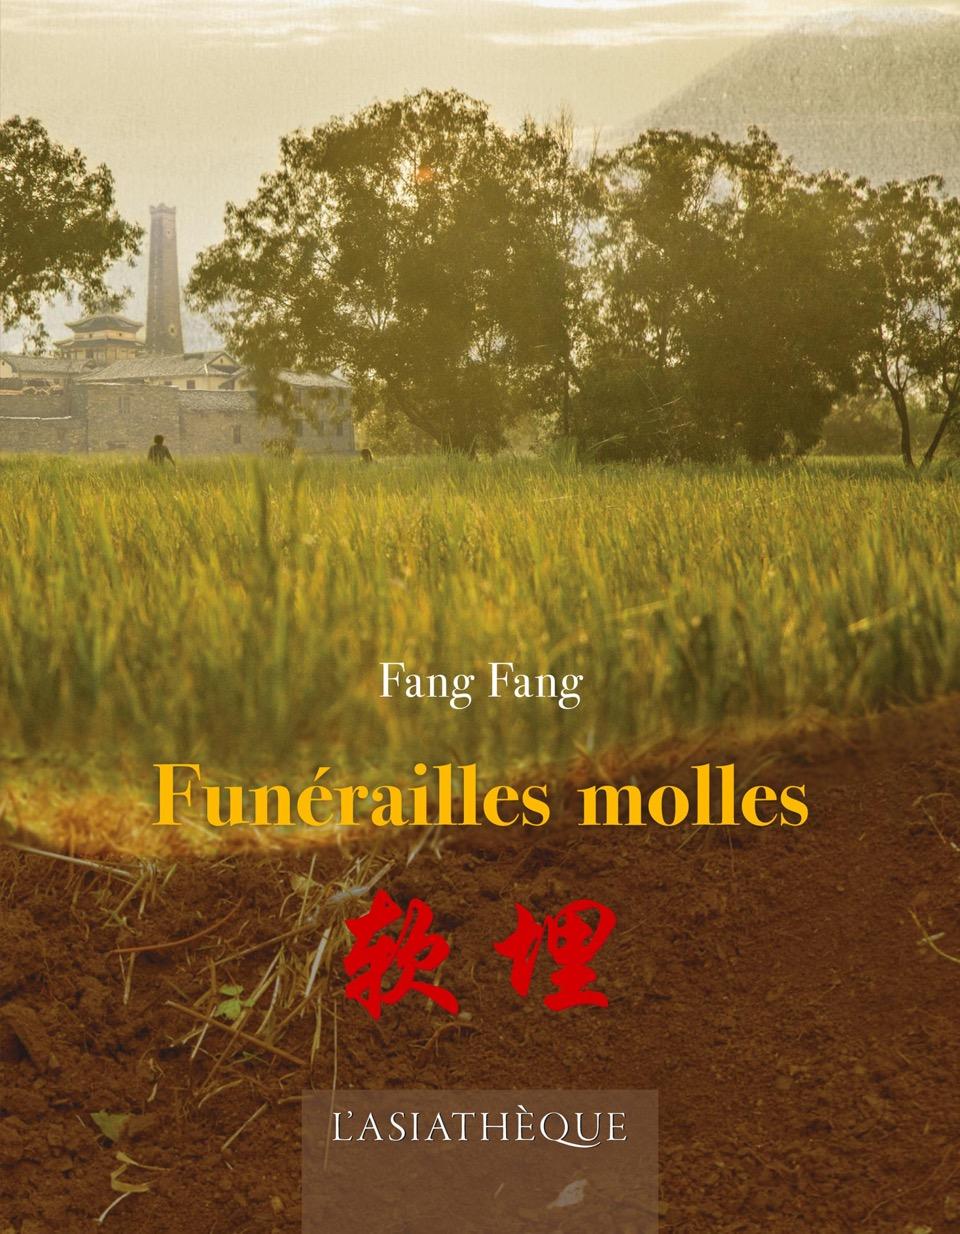 FANG_funerailles_molles